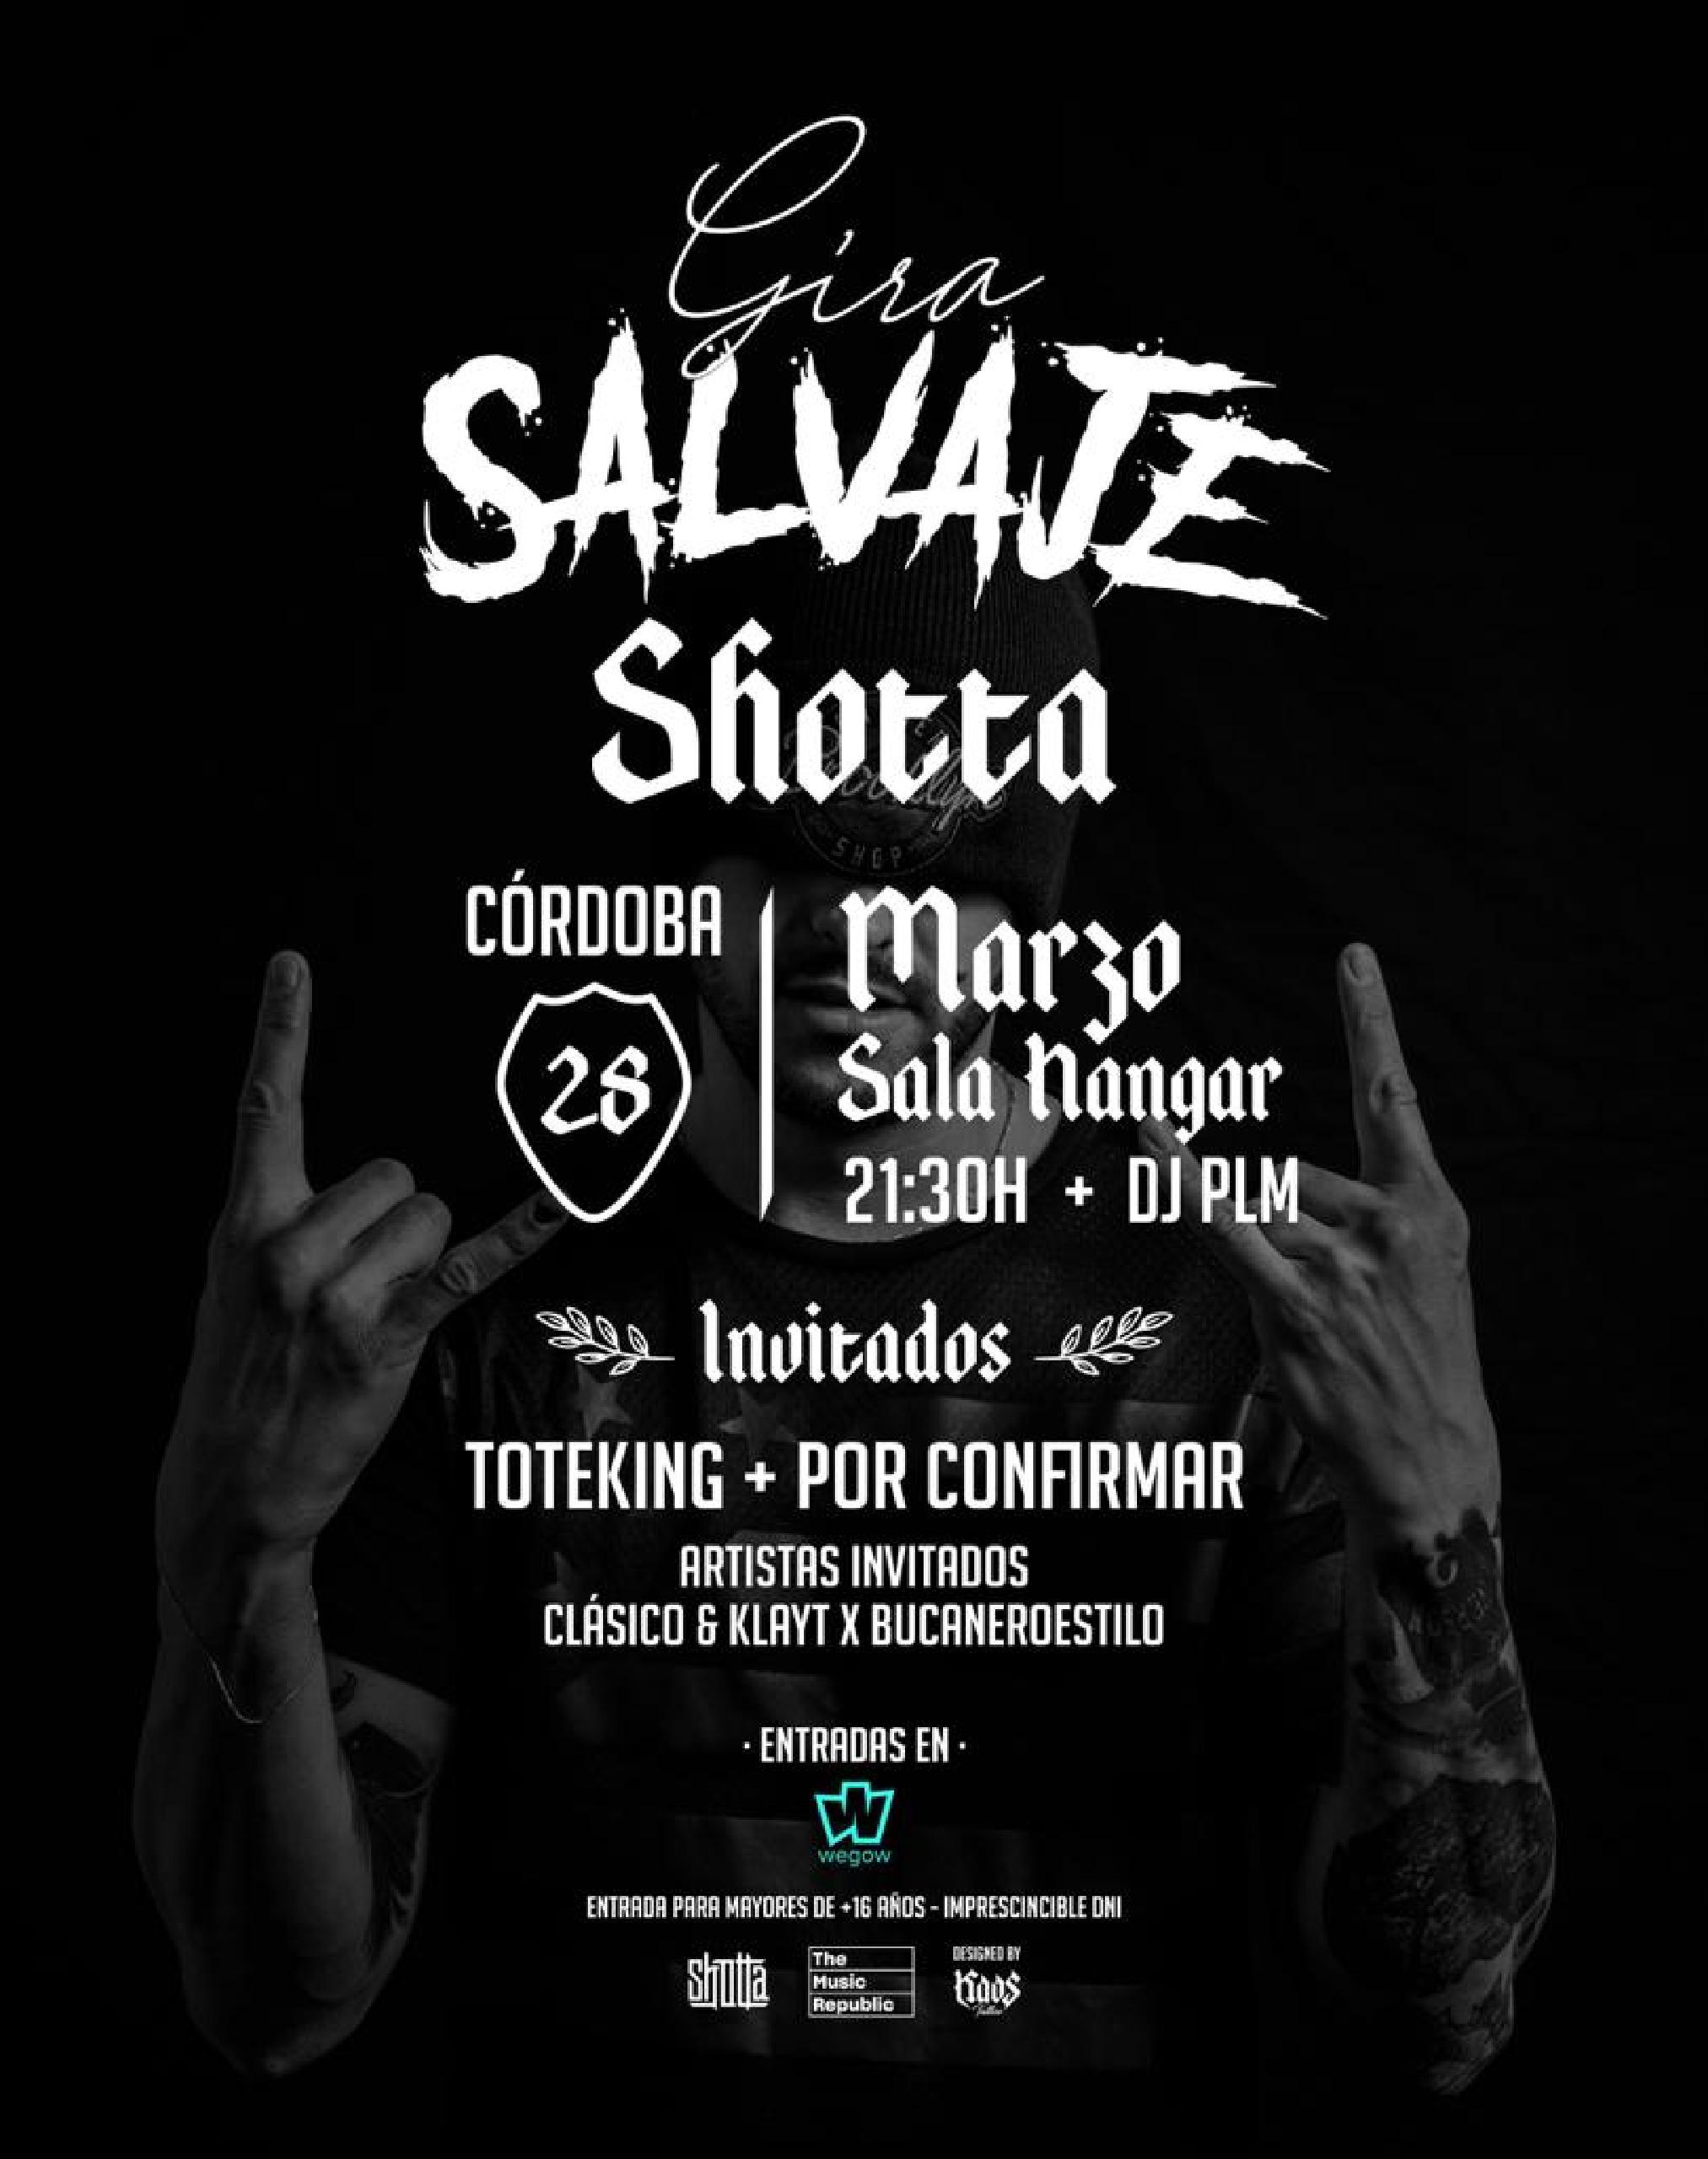 Concierto de Shotta en Córdoba